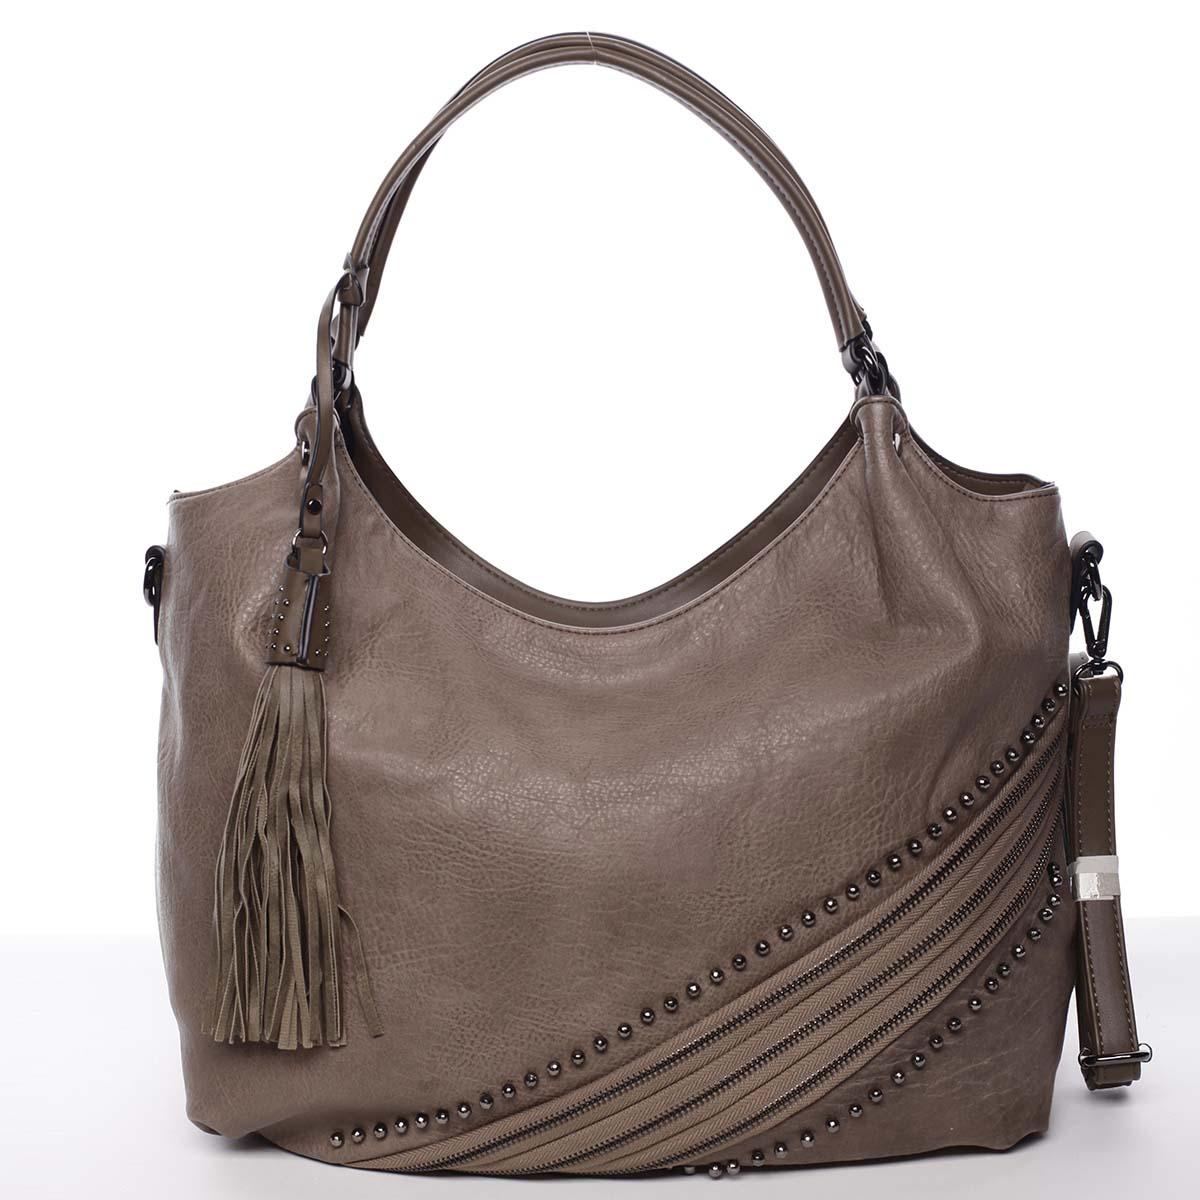 Originální dámská kabelka přes rameno taupe - MARIA C Xanthia